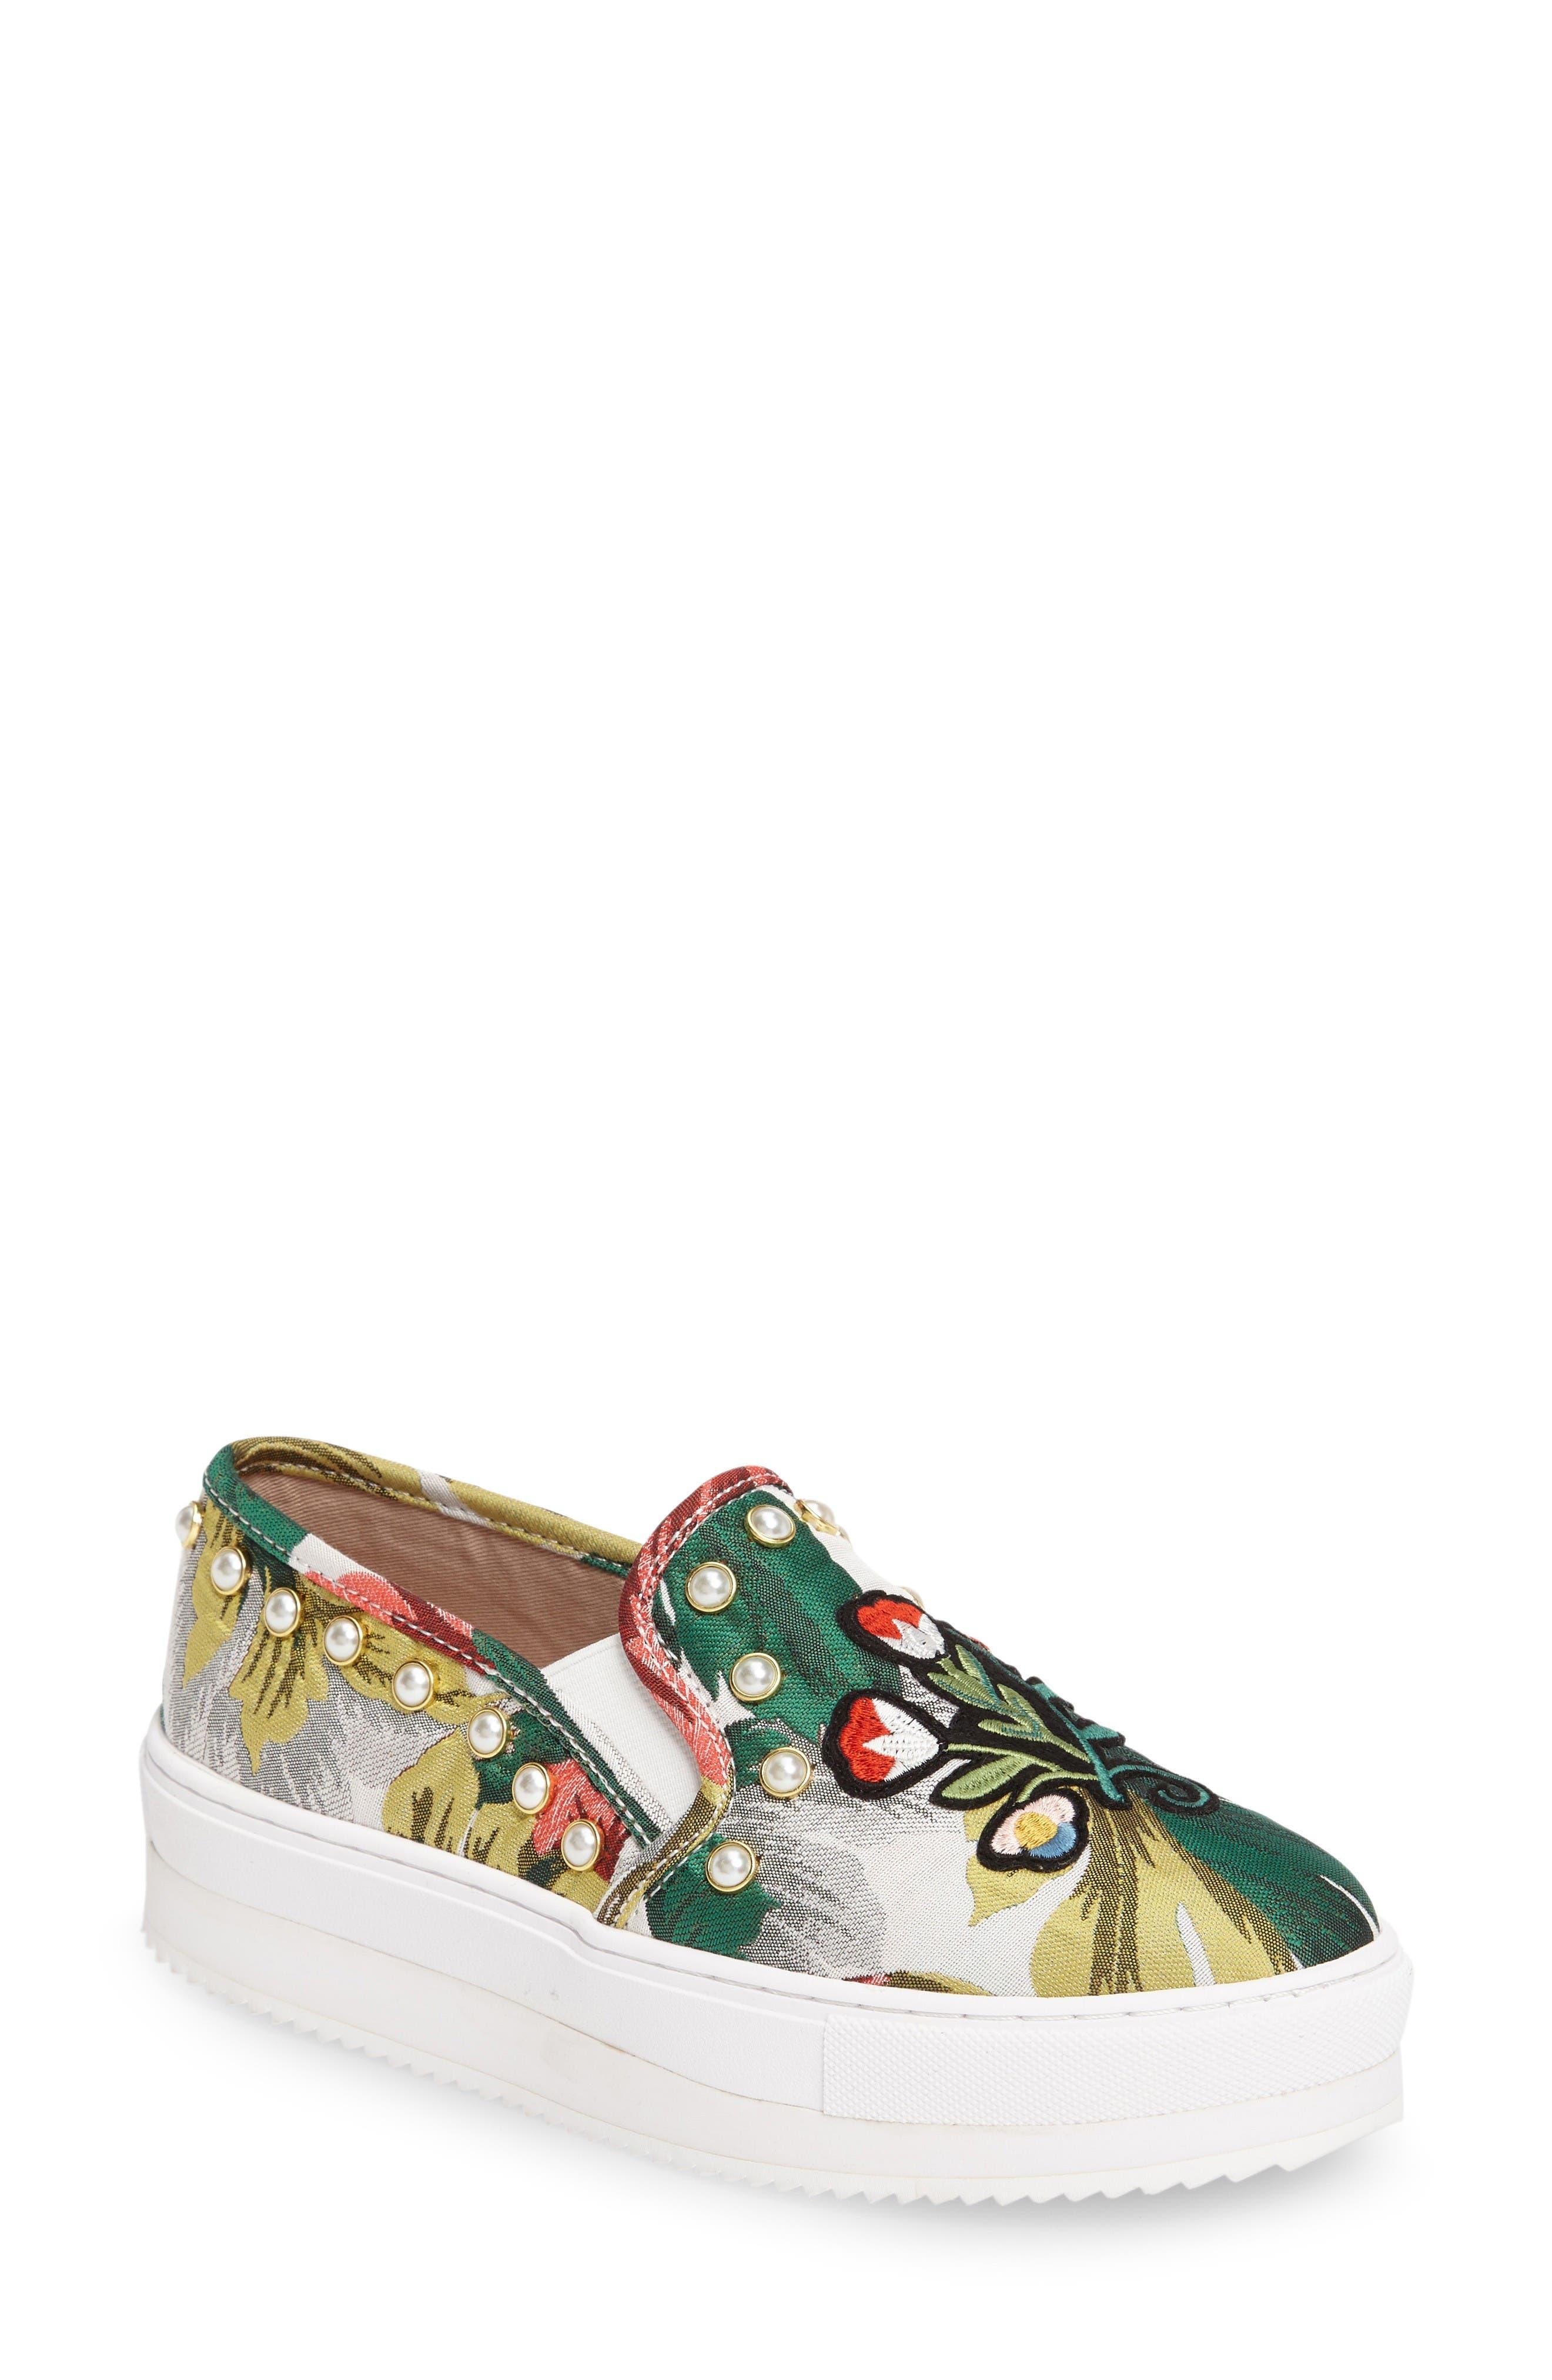 Main Image - Steve Madden Slick-P Platform Slip-On Sneaker (Women)